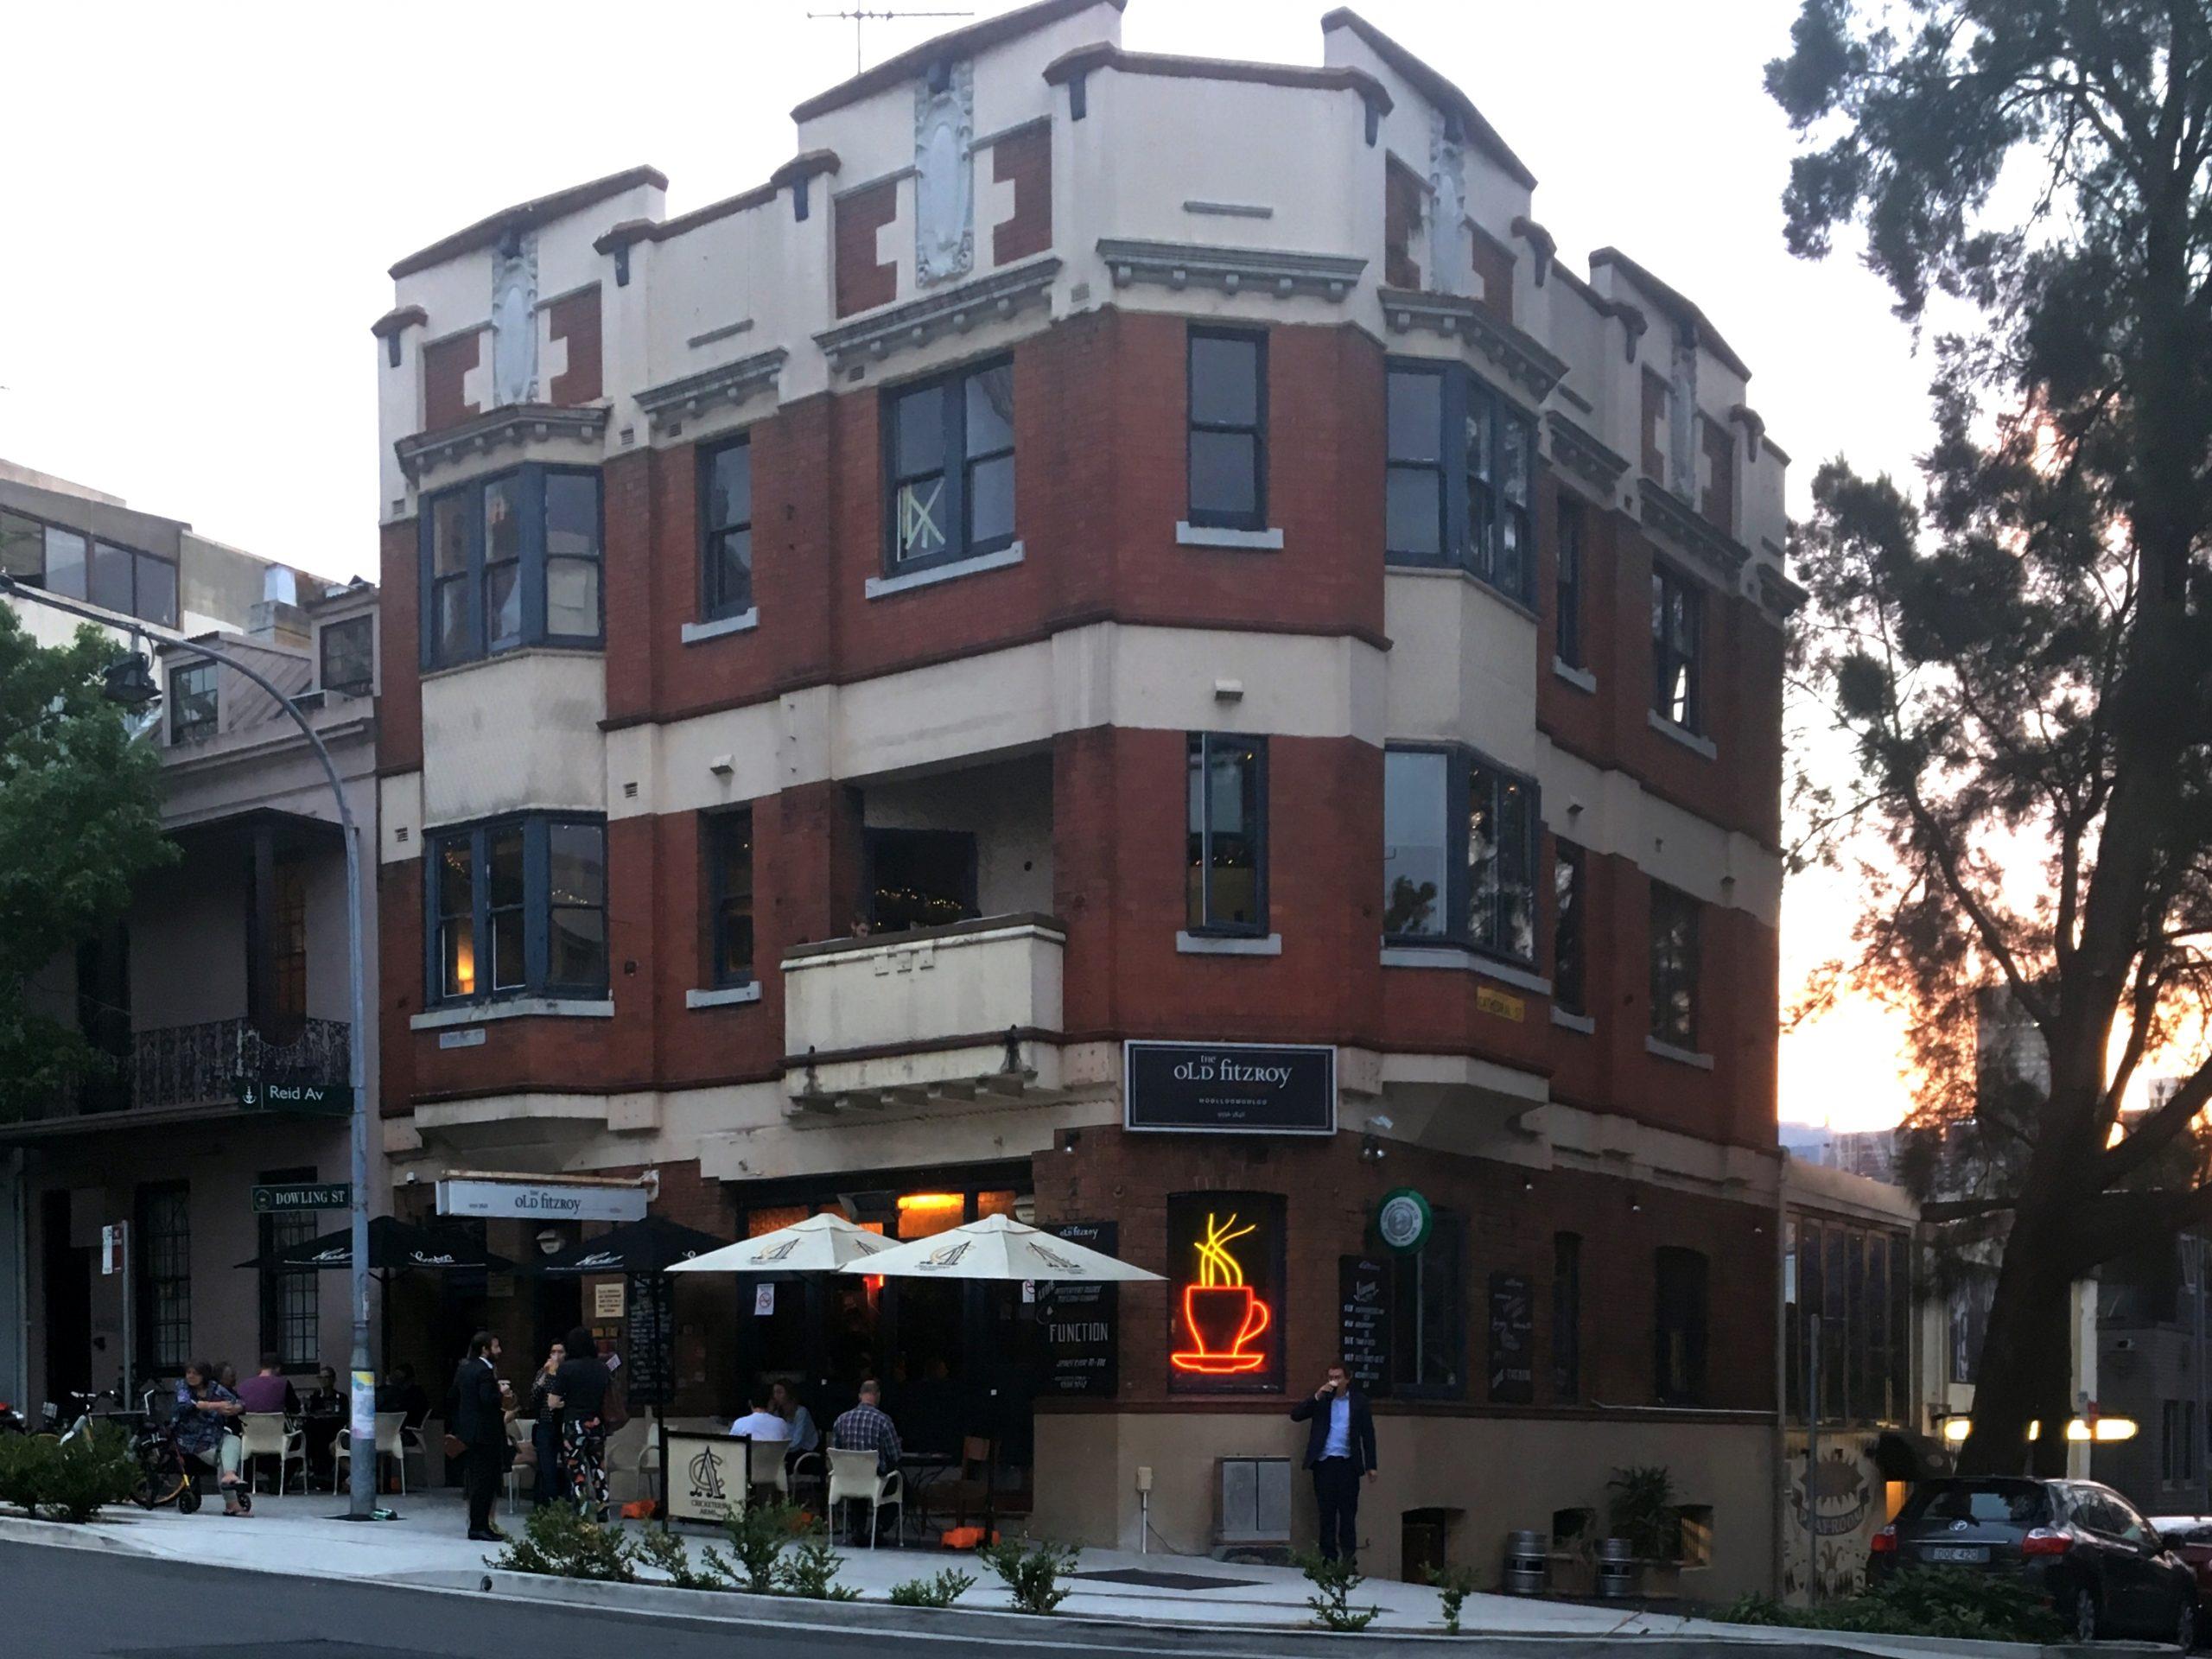 old fitz hotel in dowling street, woolloomooloo